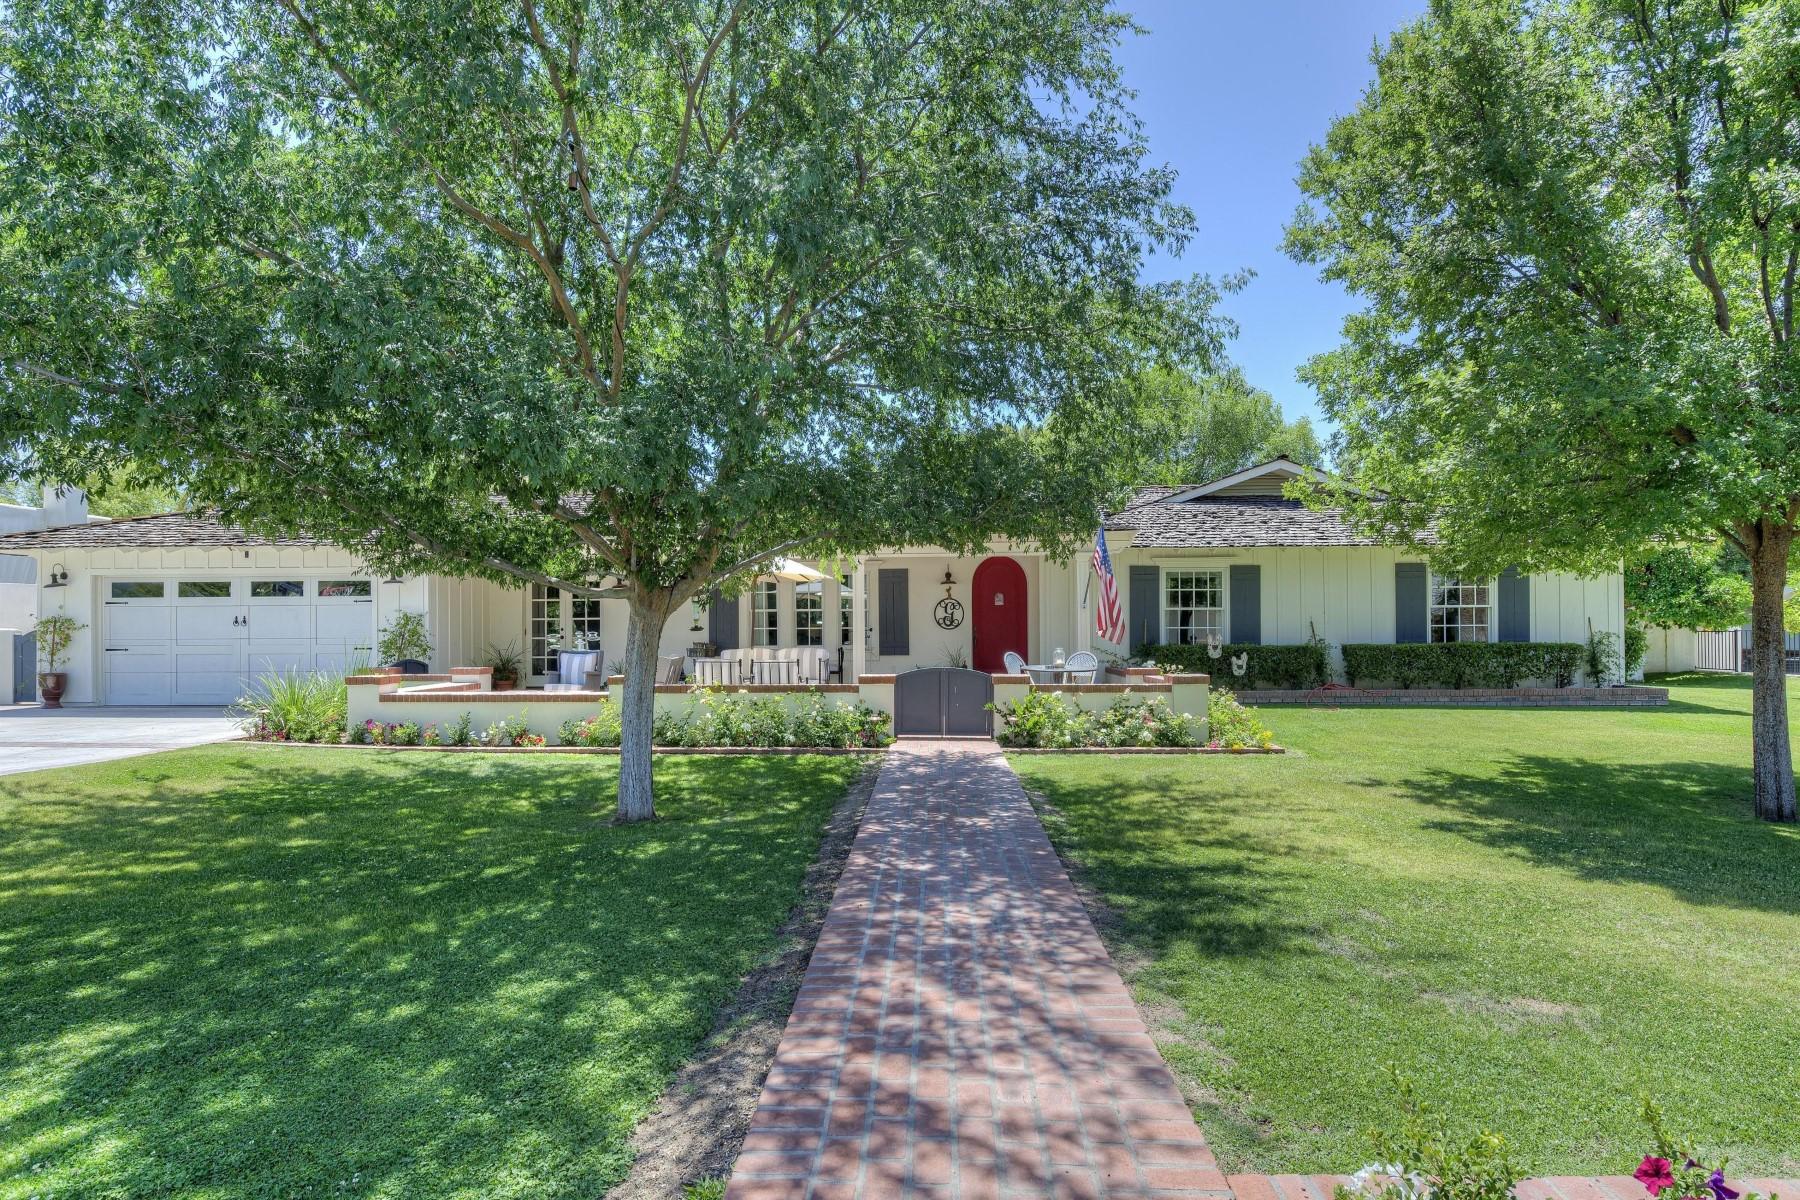 一戸建て のために 売買 アット Beautifully updated ranch home in the magical Hilker Estates 4115 N 50th Pl Phoenix, アリゾナ, 85018 アメリカ合衆国